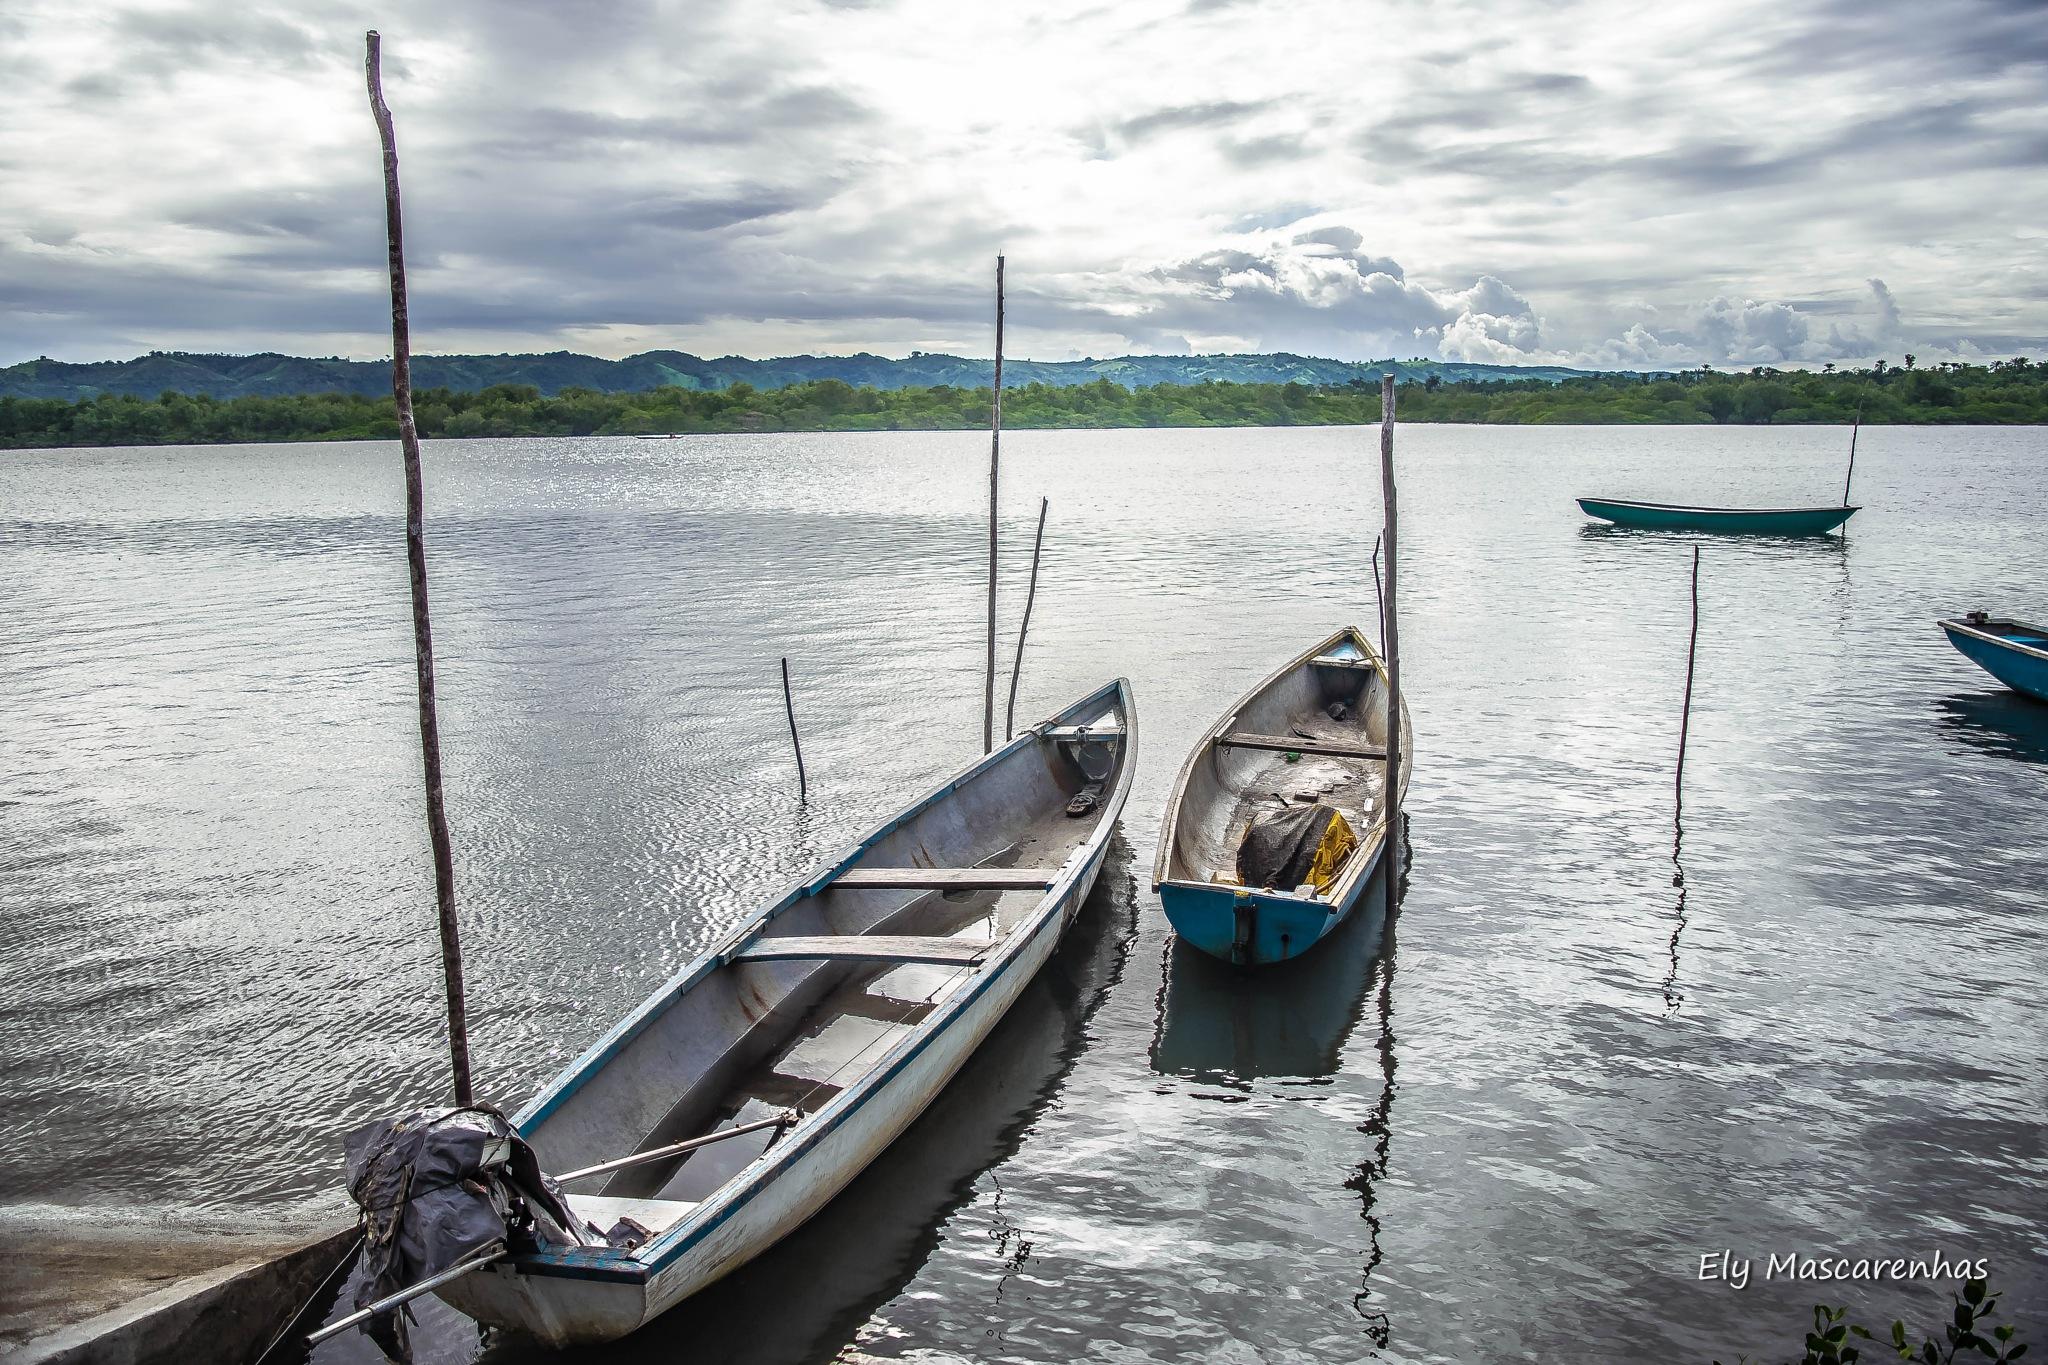 Mar prateado by Ely Mascarenhas